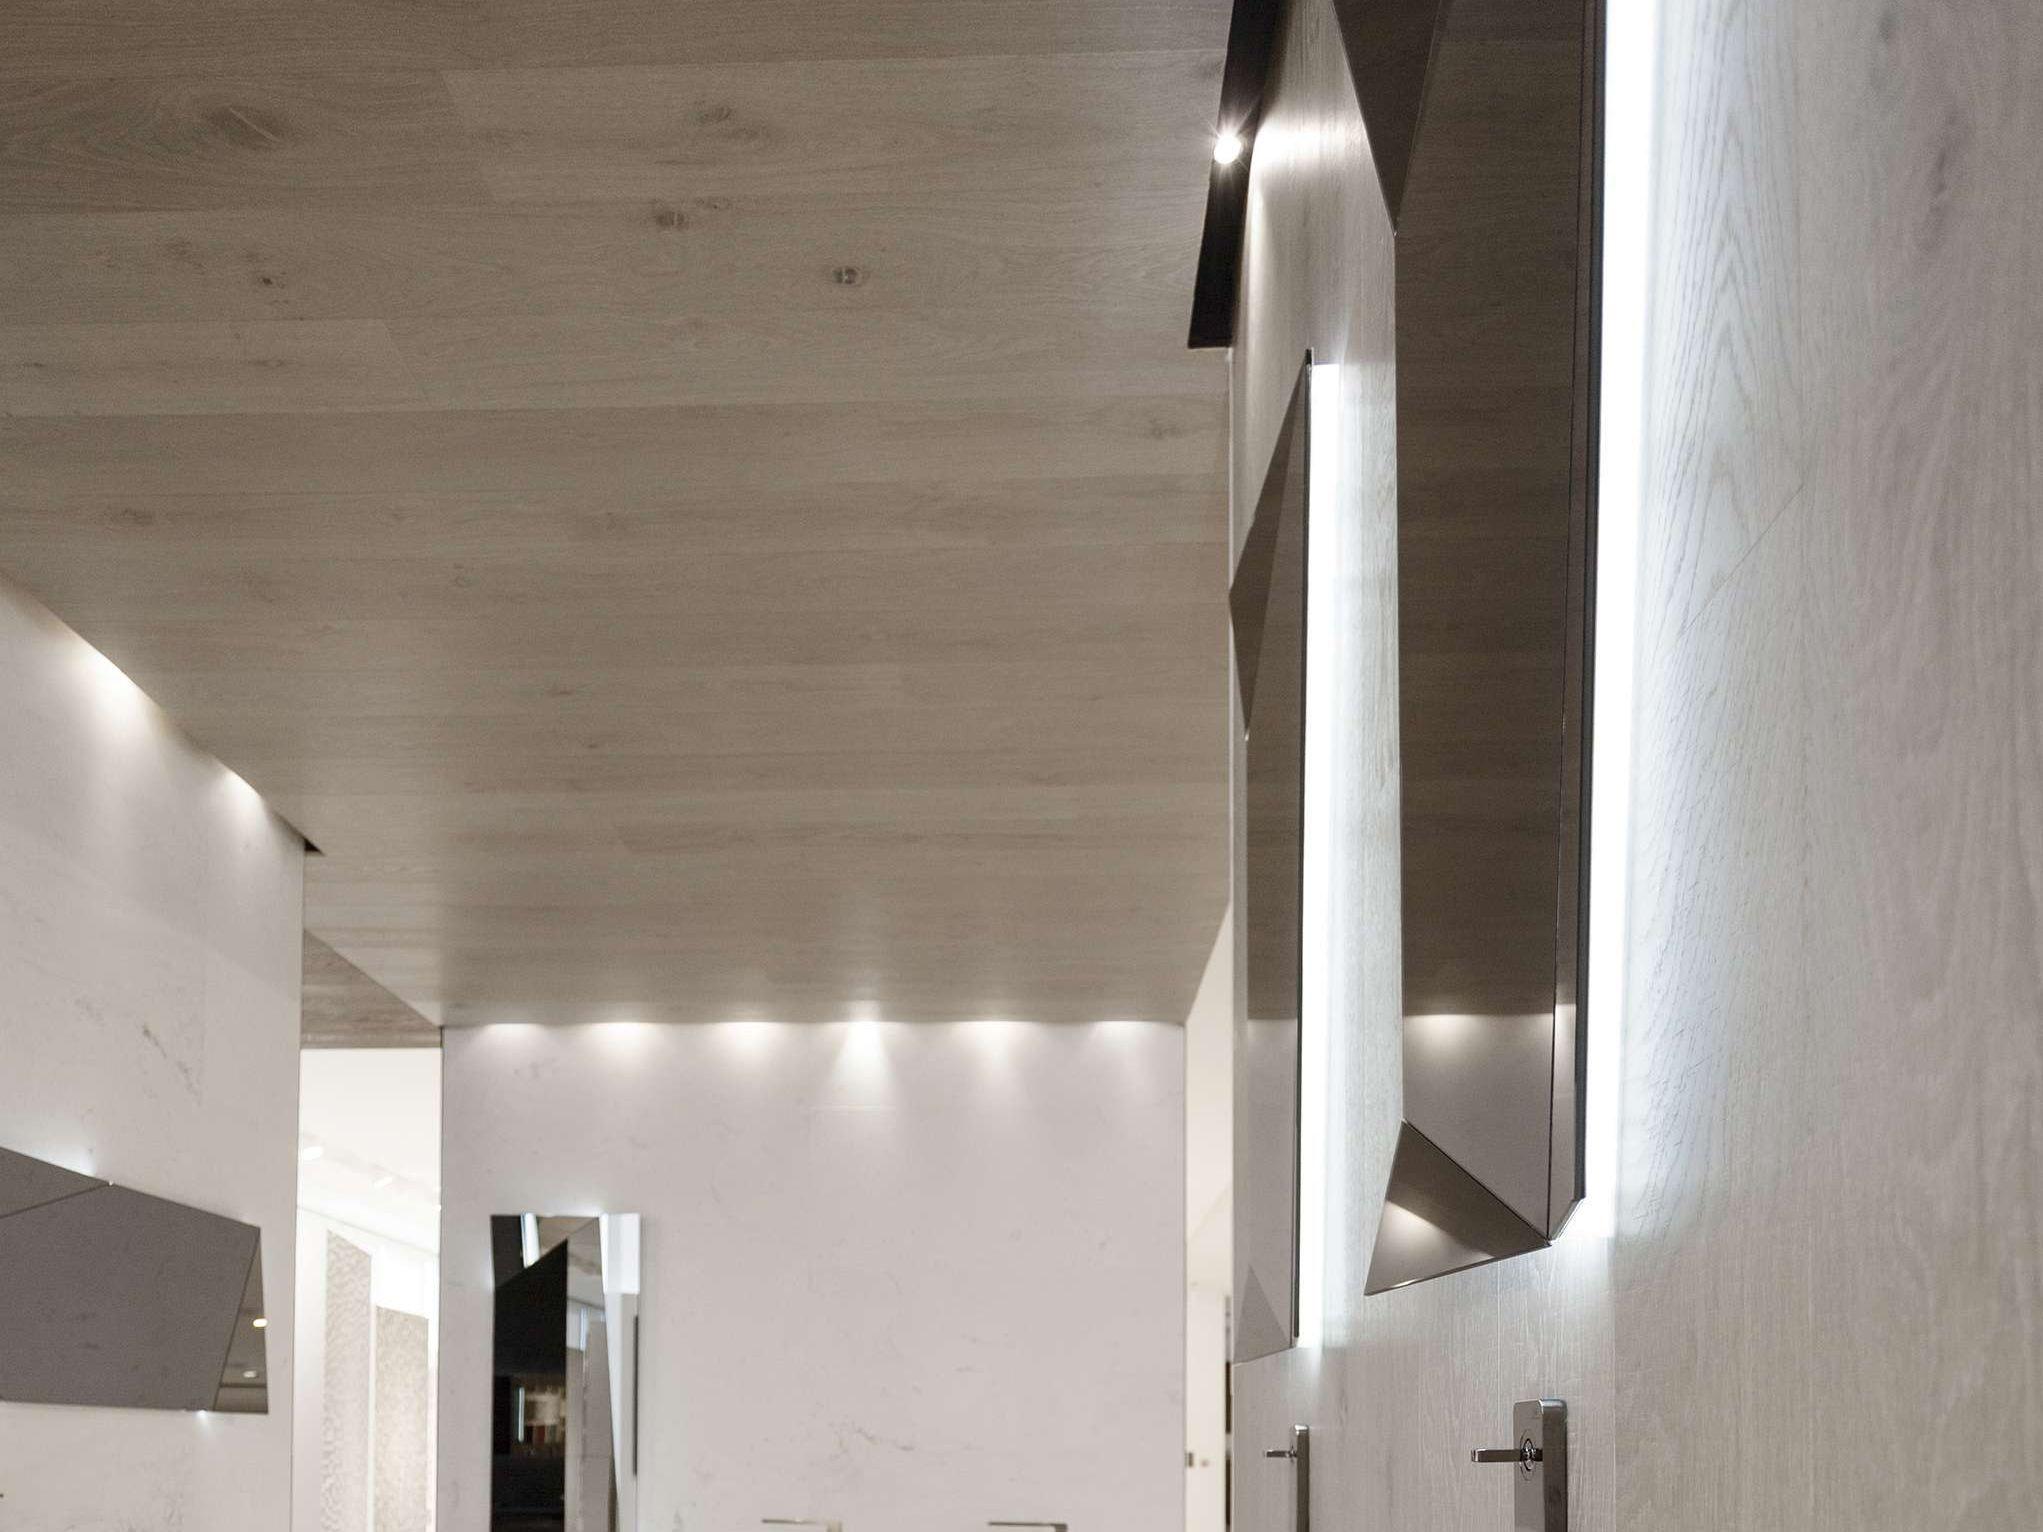 specchi bagno | arredi ed illuminazione per bagno | archiproducts - Specchi Per Bagni Moderni